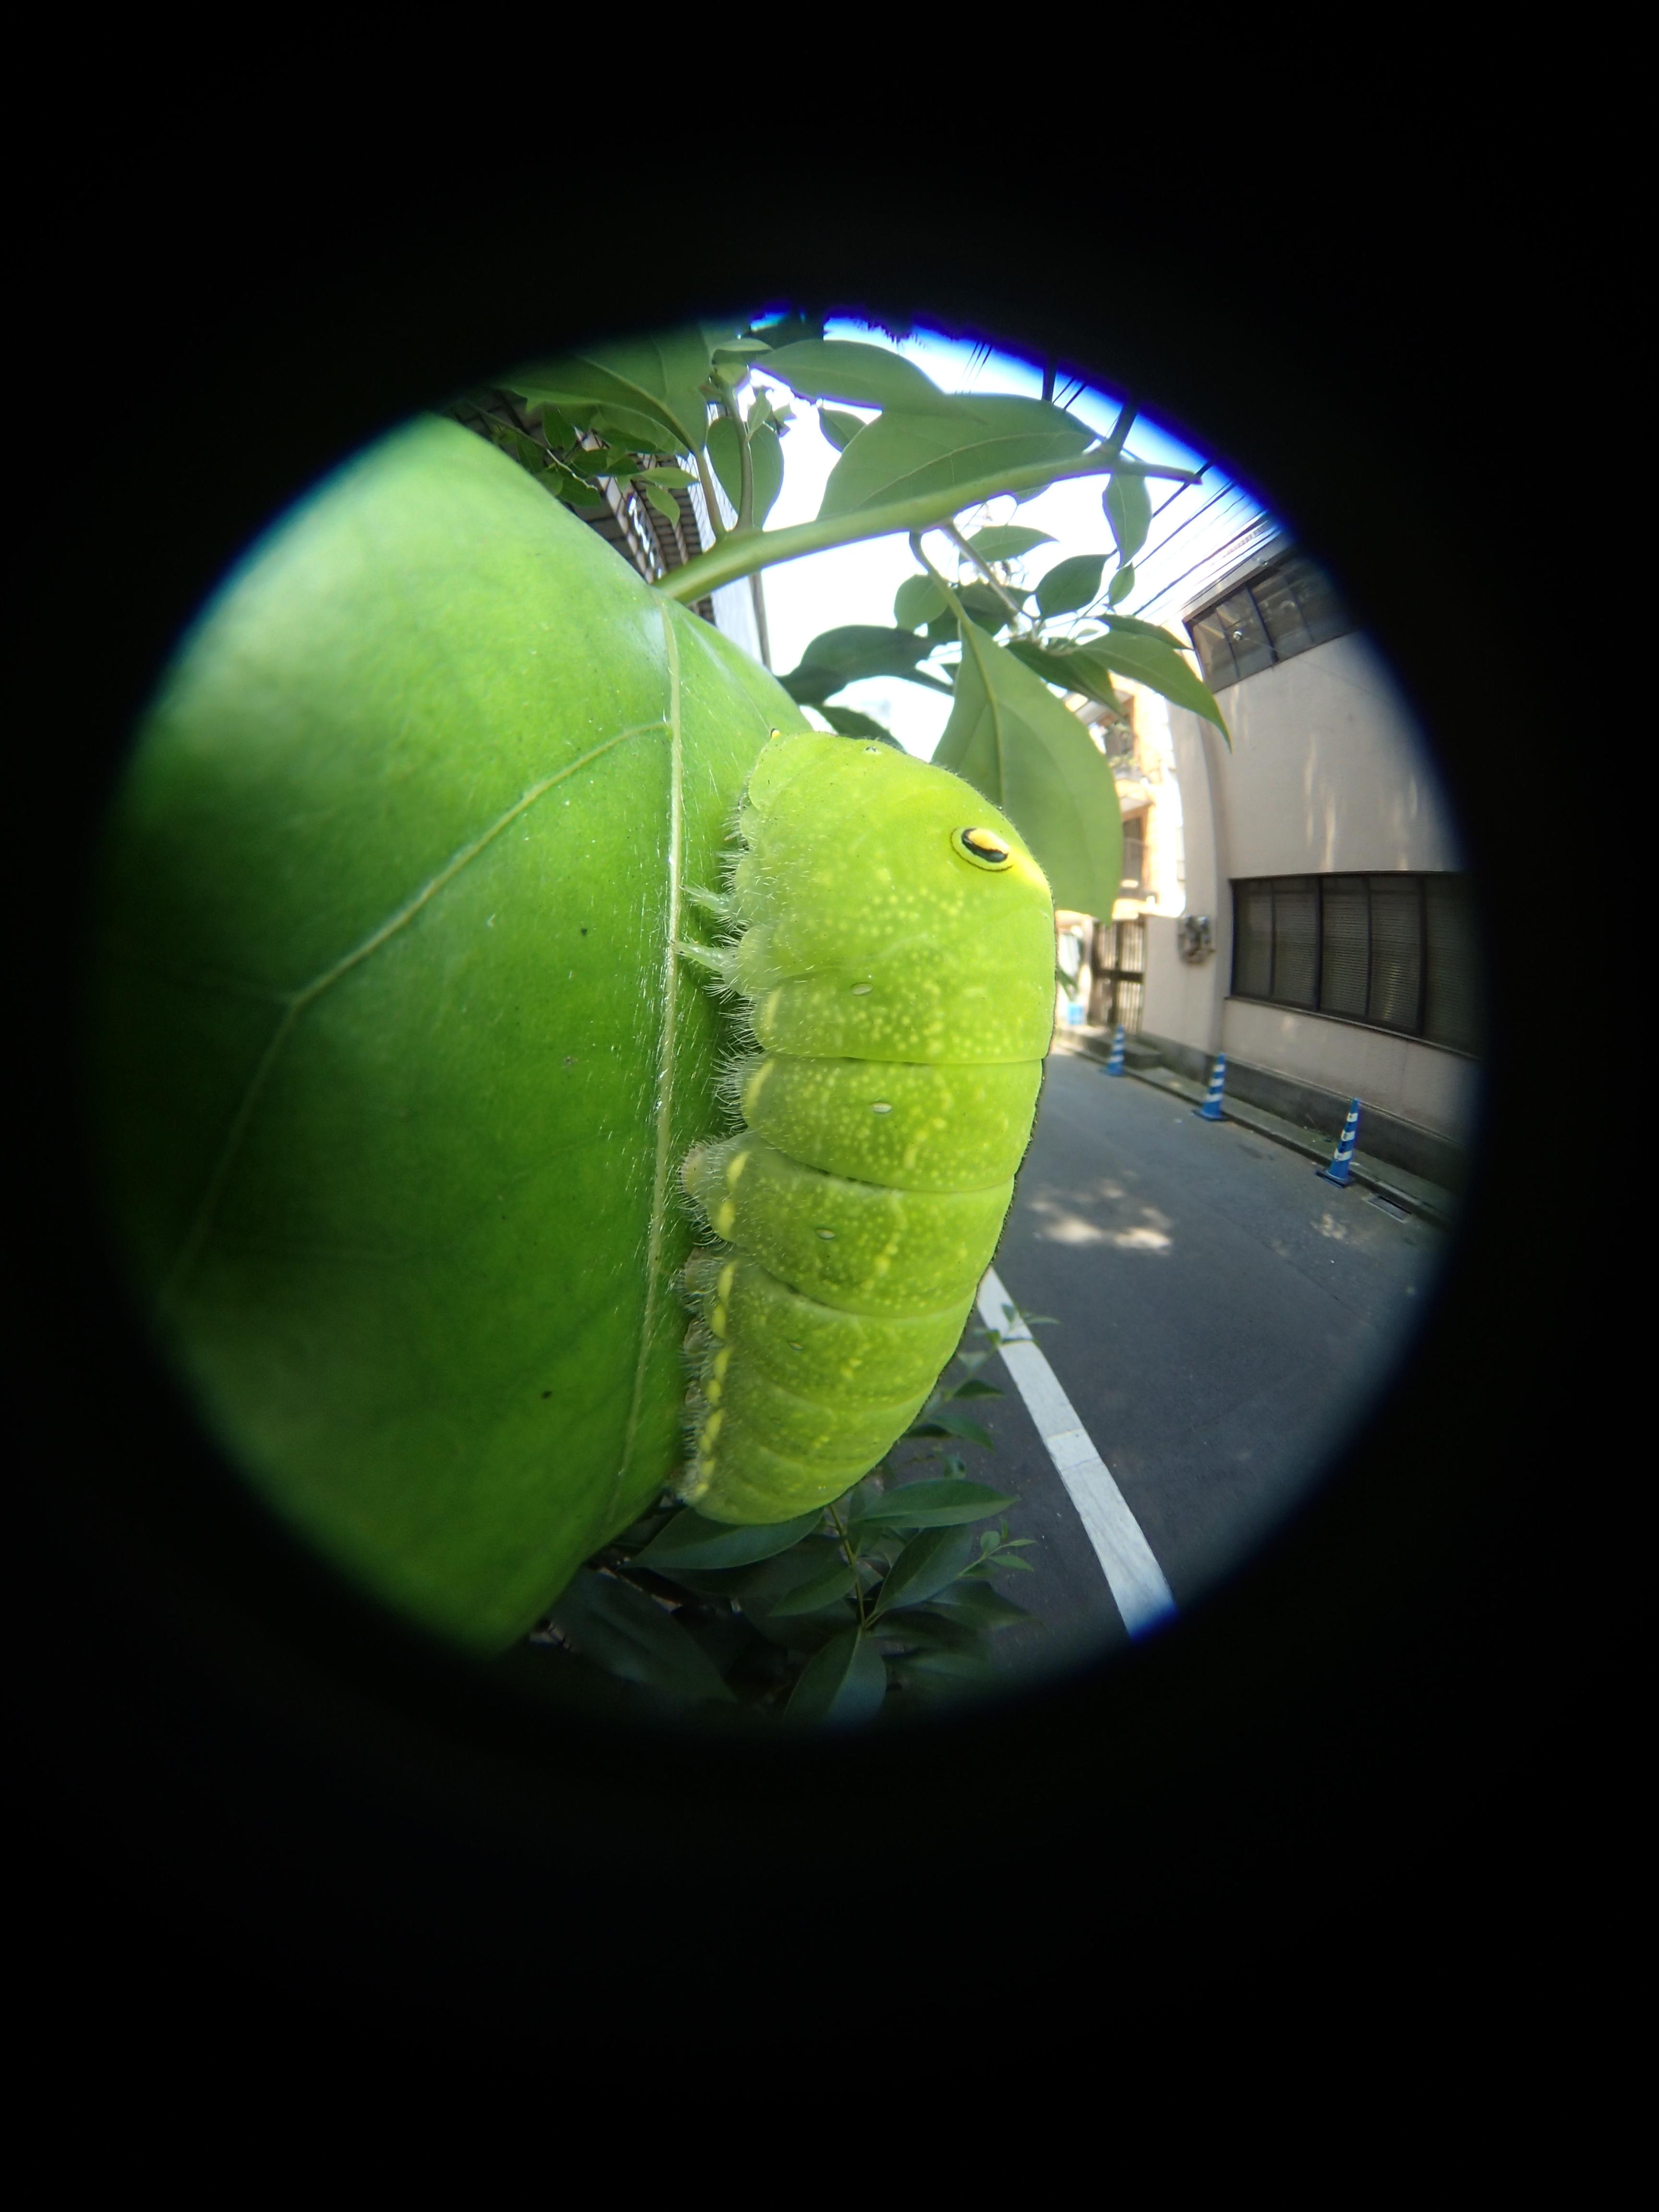 クスノキの葉に止まっていた、アオスジアゲハの幼虫。アゲハと並んで都会を代表するチョウだ。緑色の体にニセの目玉模様があり、ポケモンのキャラクターのようでなかなかカワイイ(笑)ニセの目玉模様を持つ昆虫は多く、鳥に対して効果があると言われる。この幼虫の本当の眼は「眼点」と言われる光センサーみたいなものだ